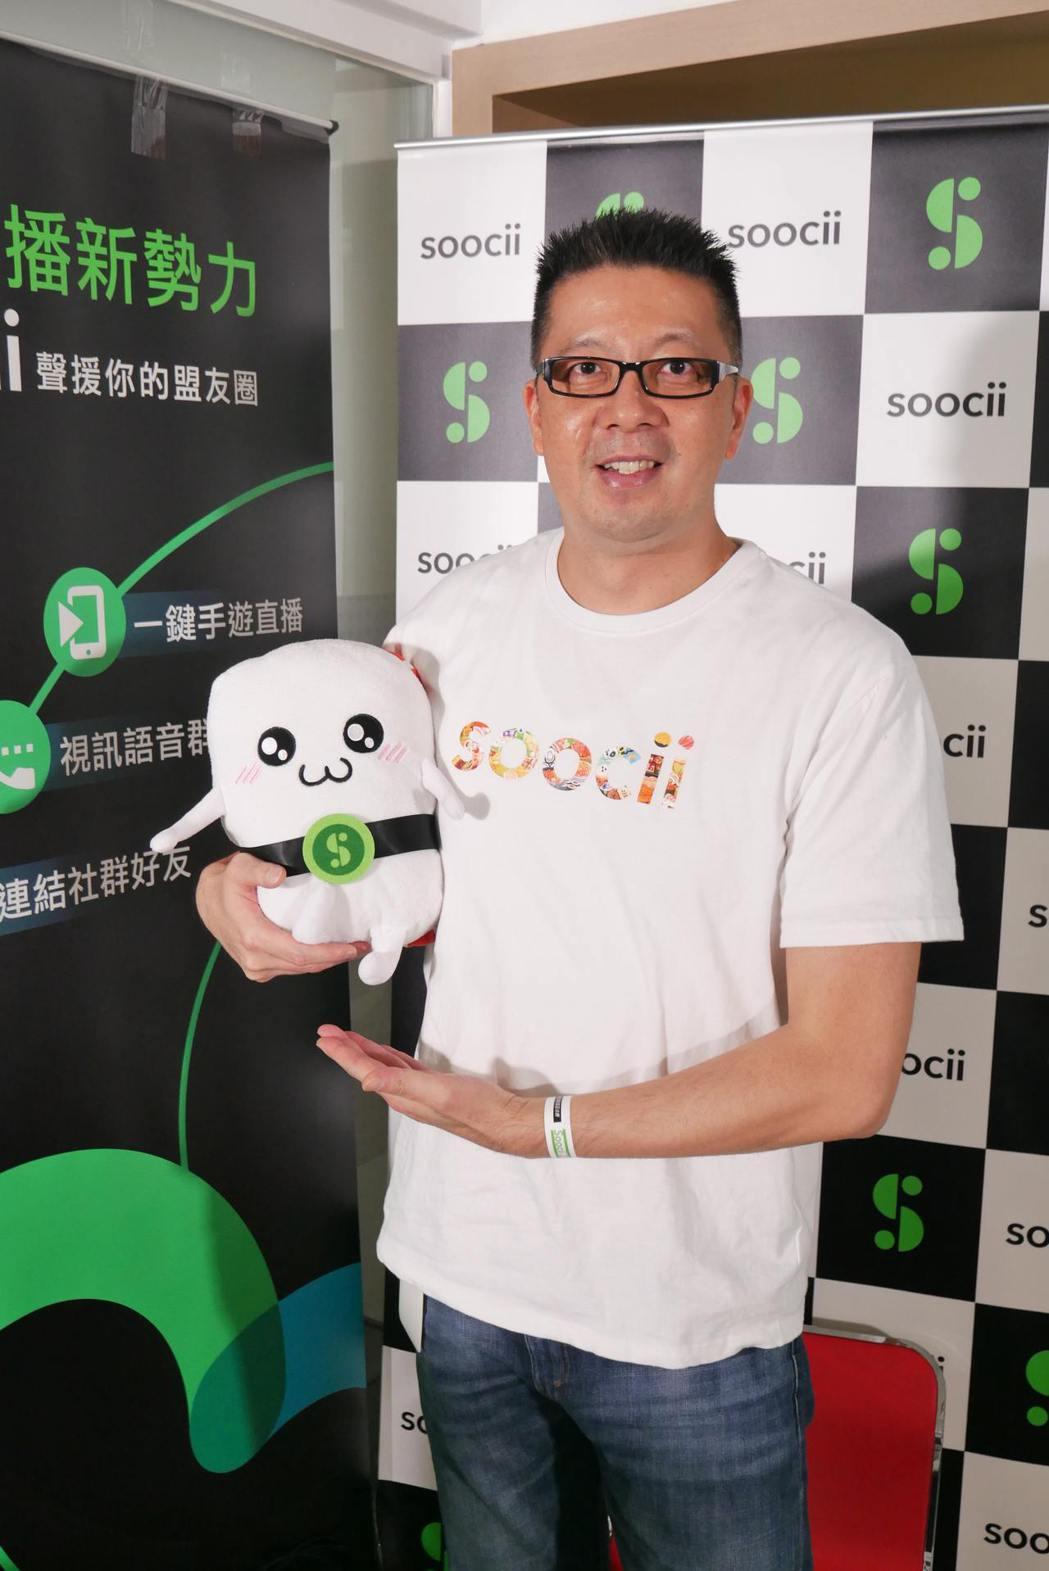 Soocii創辦人暨執行長黃國豪今年誓言將轉化遊戲直播新生態。 Soocii/提...